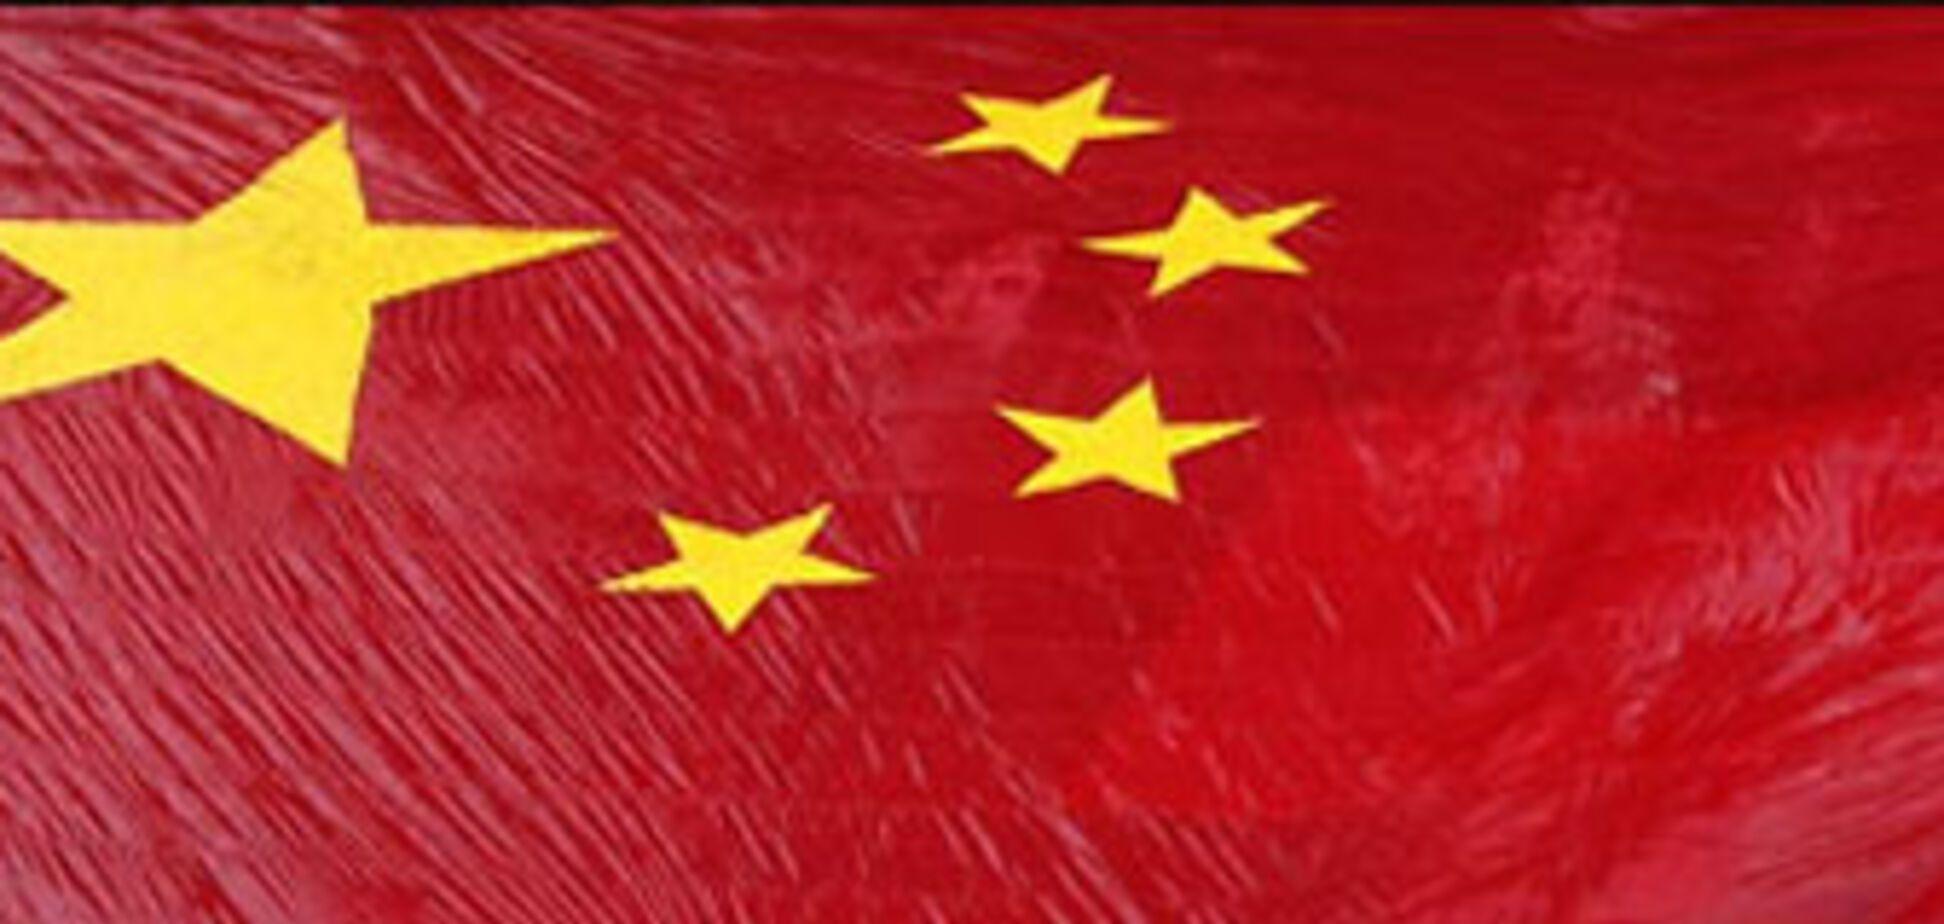 Олимпиада в Китае под угрозой из-за Тибета?